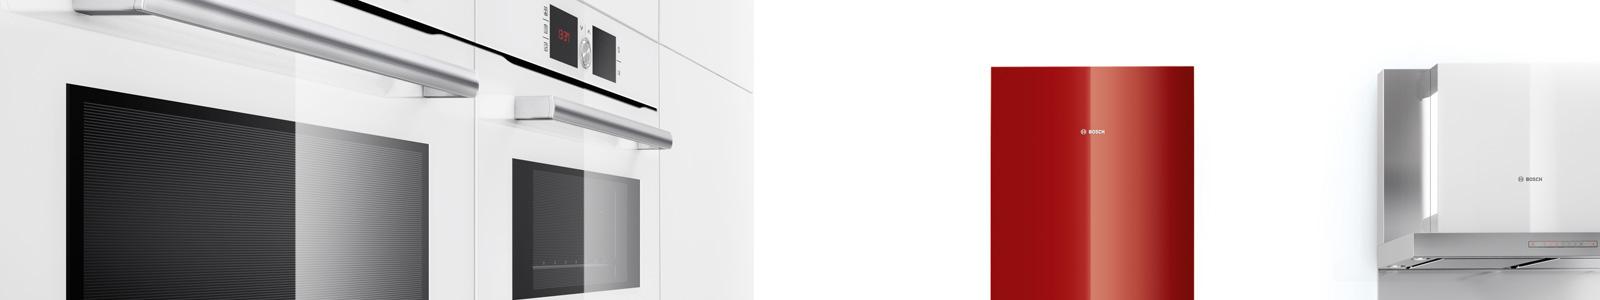 Elektrogeräte | Küchen Krampe | {Küchen elektrogeräte 30}